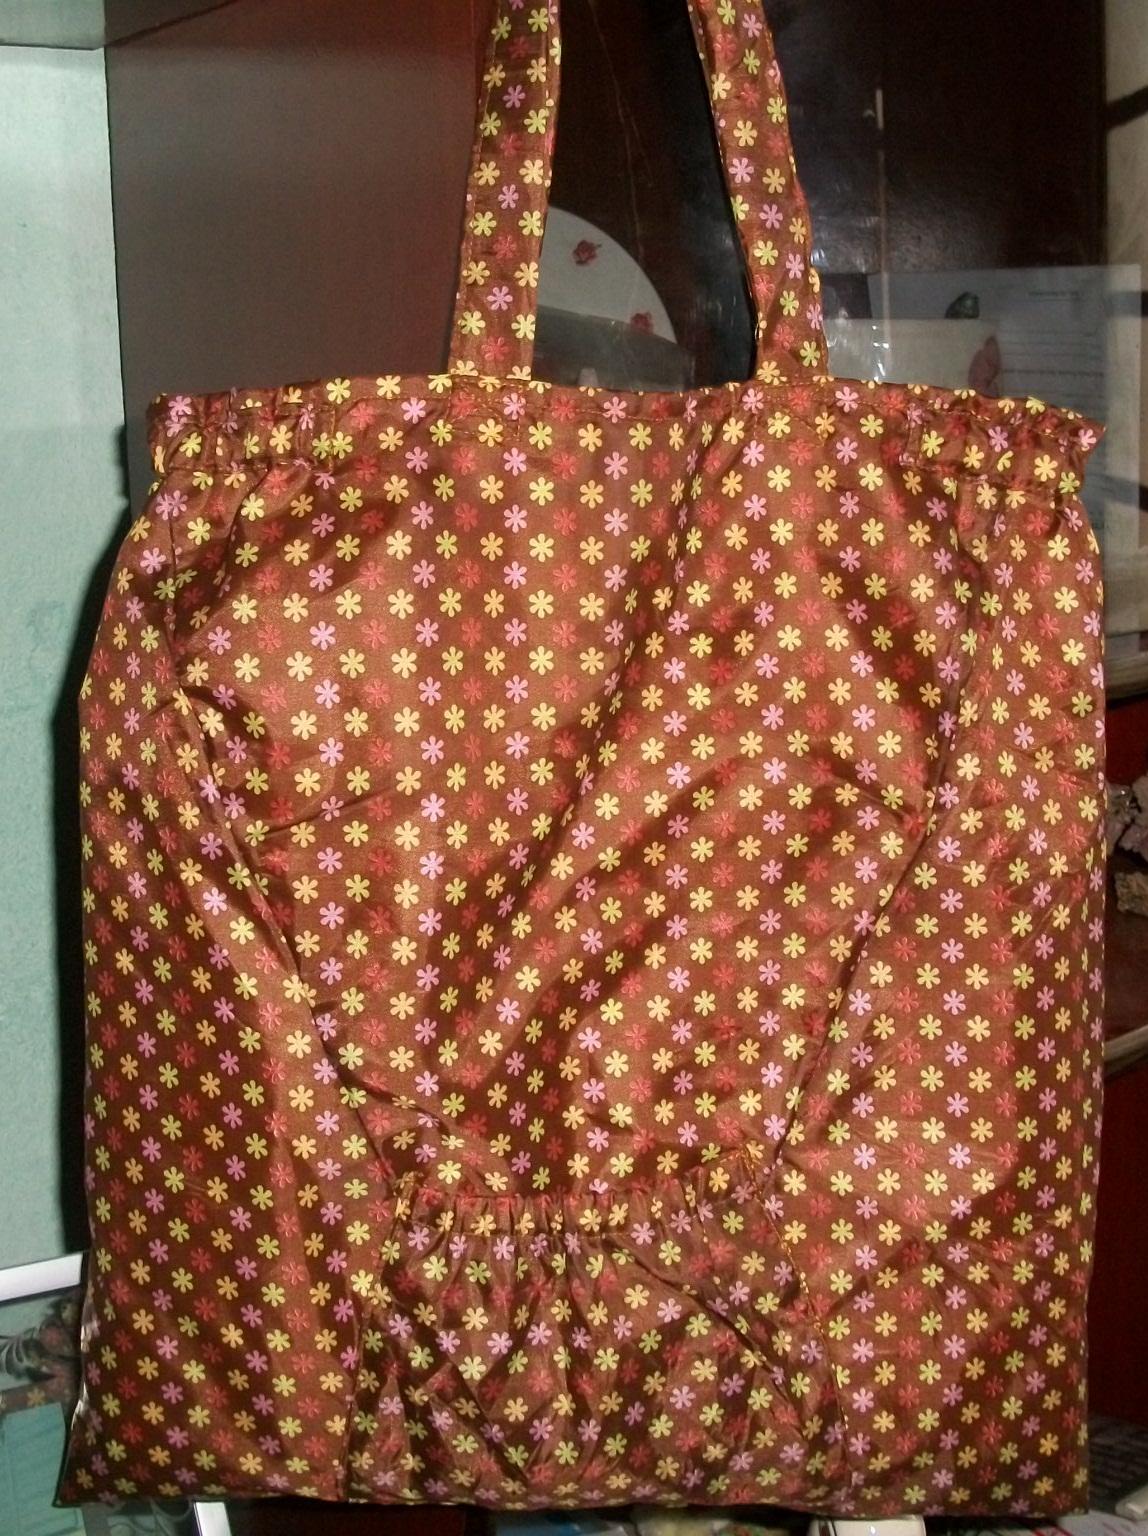 Bolsa Feita Com Tecido De Sombrinha : O??`??o ??? o??de tudo um pouco ??o bolsa de